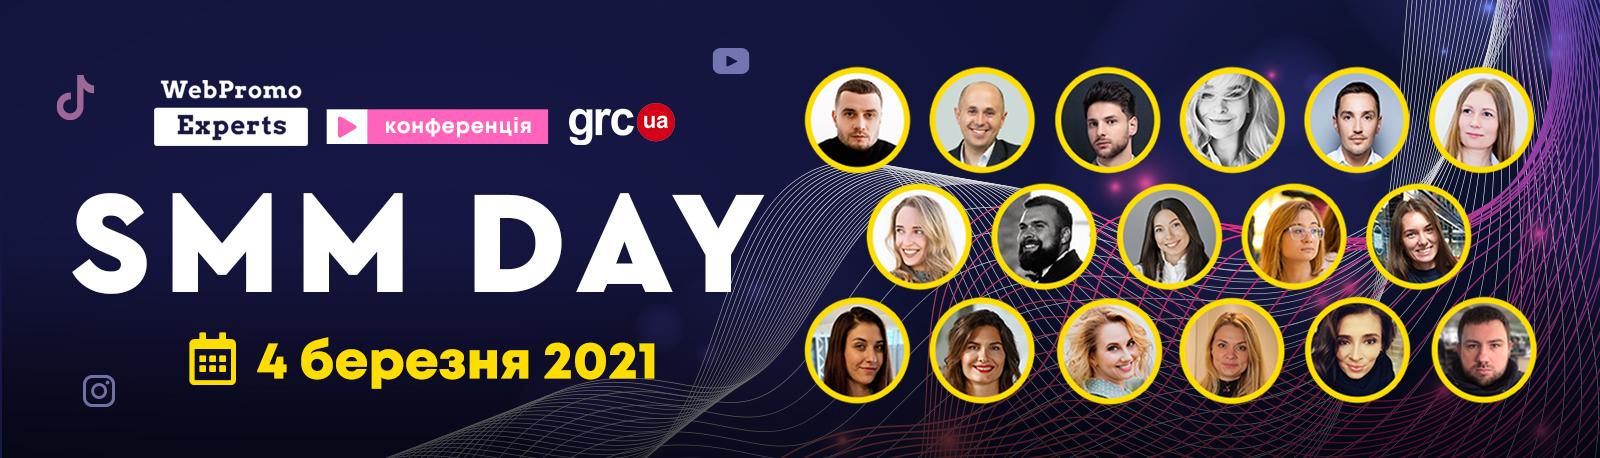 Онлайн конференція SMM Day від WebPromoExperts